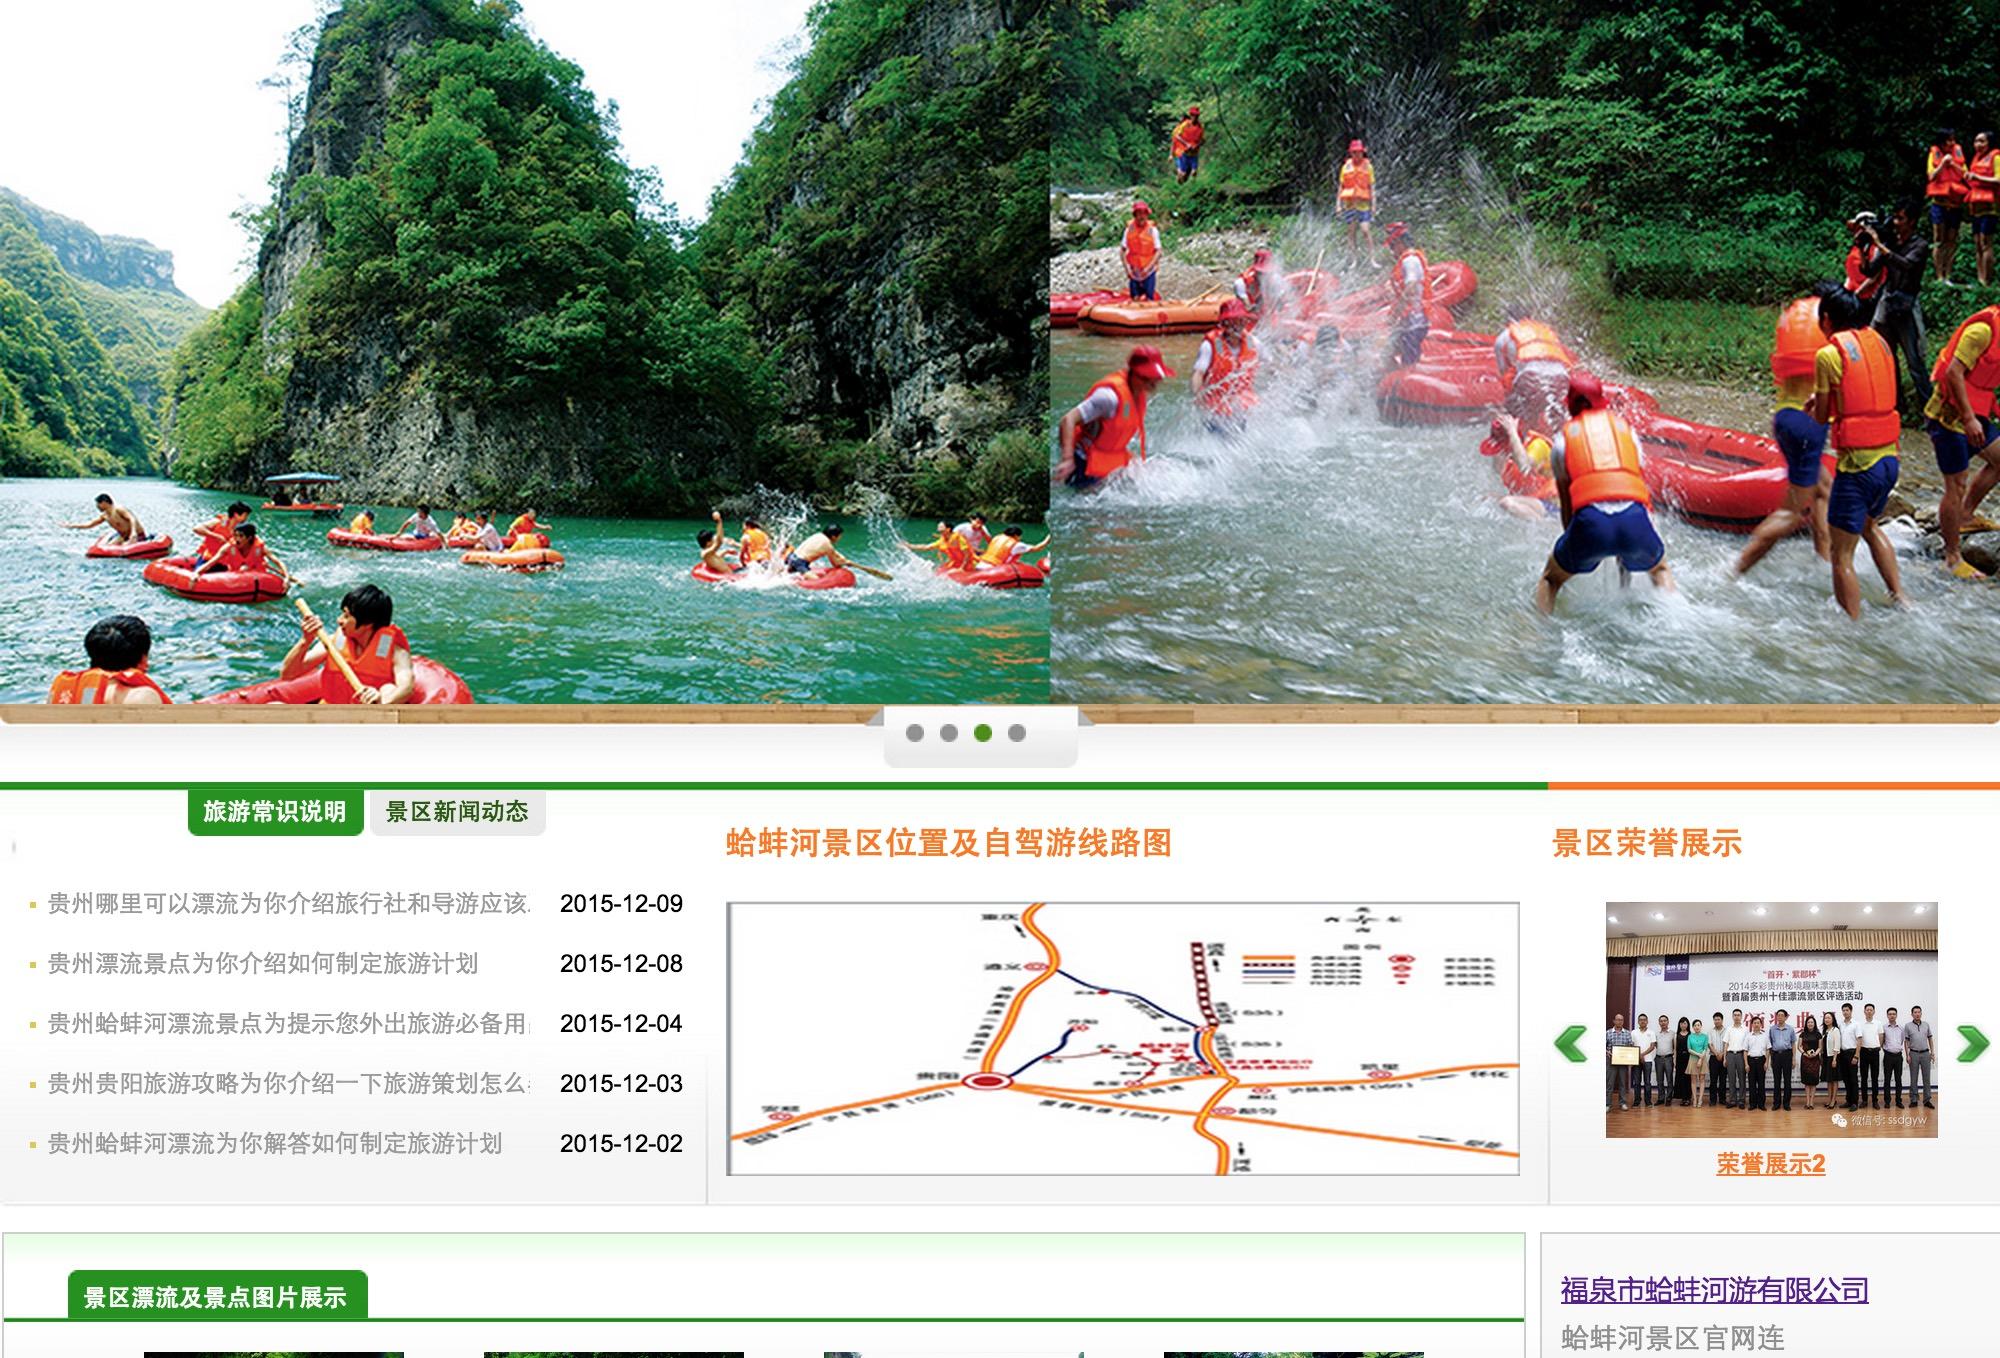 贵州生态游景区与富海360达成推广合作